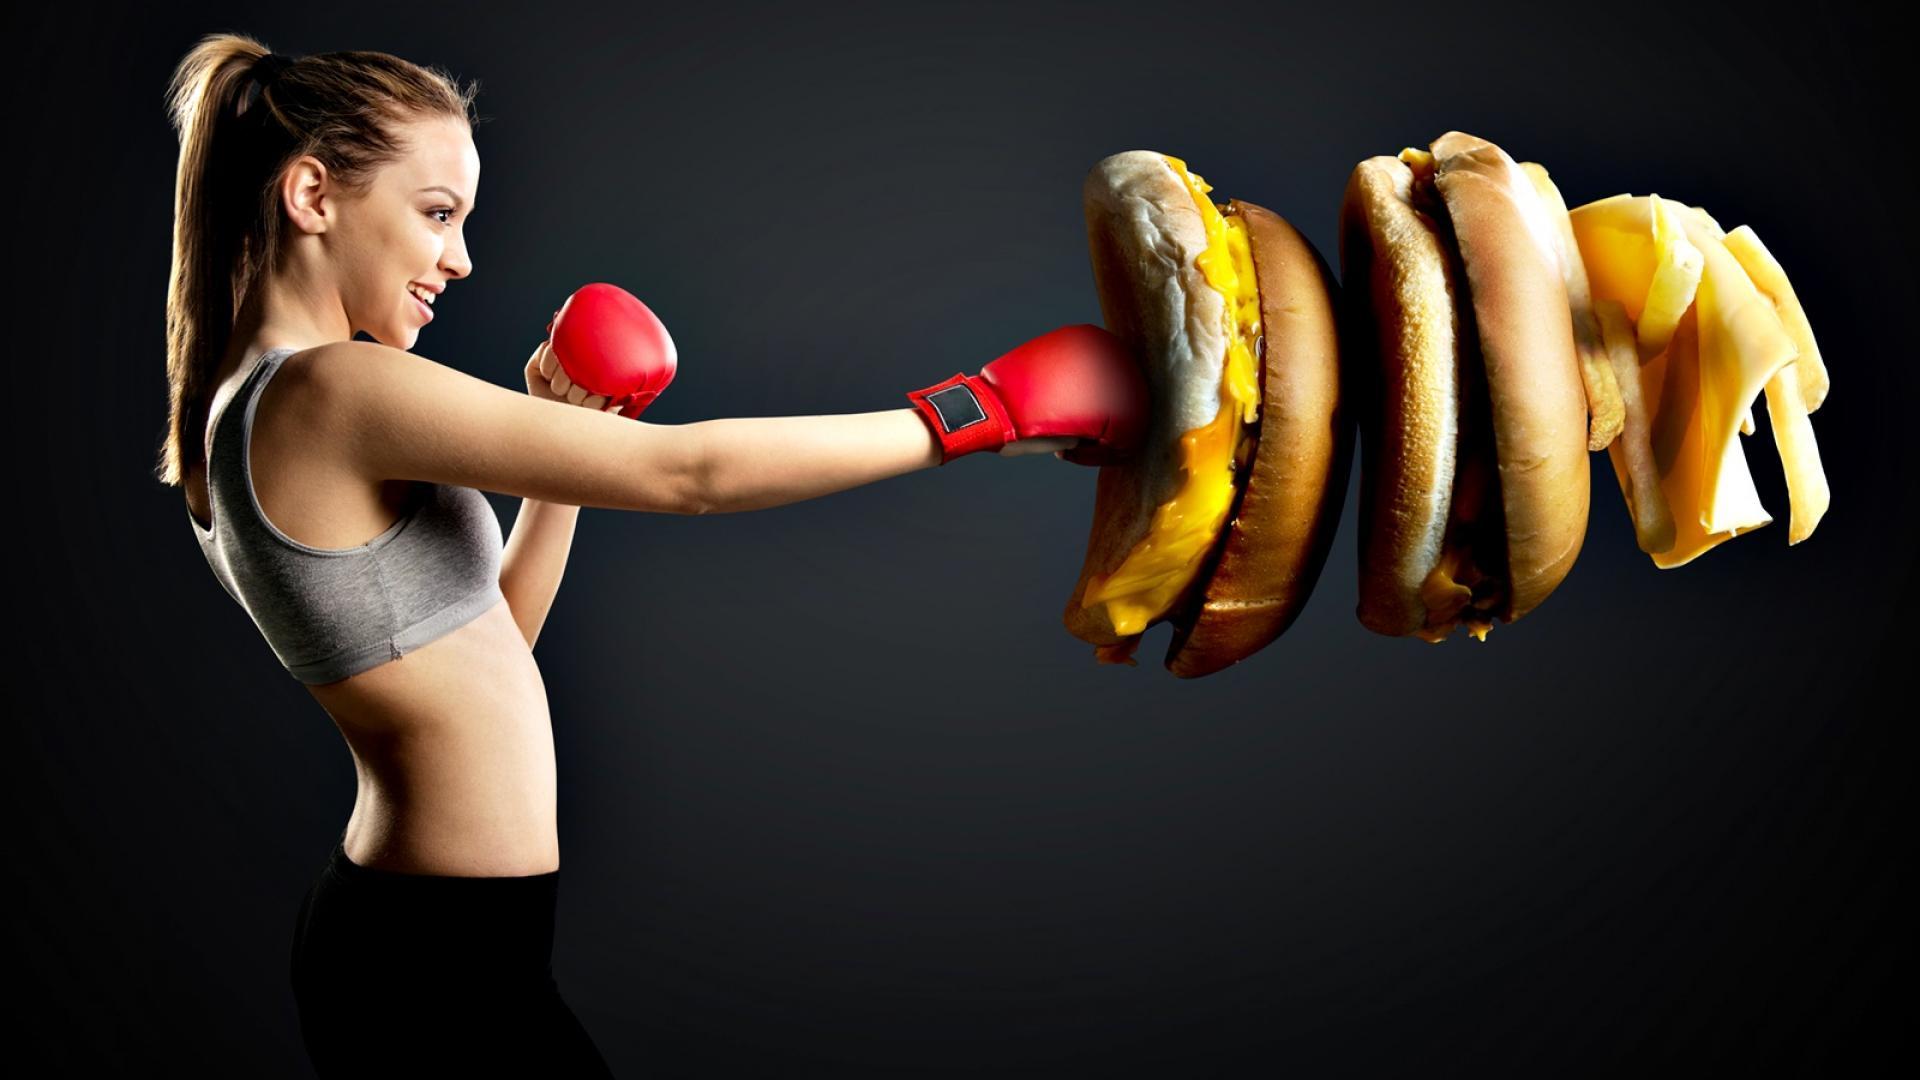 Здравословно ли е да тренираме на празен стомах